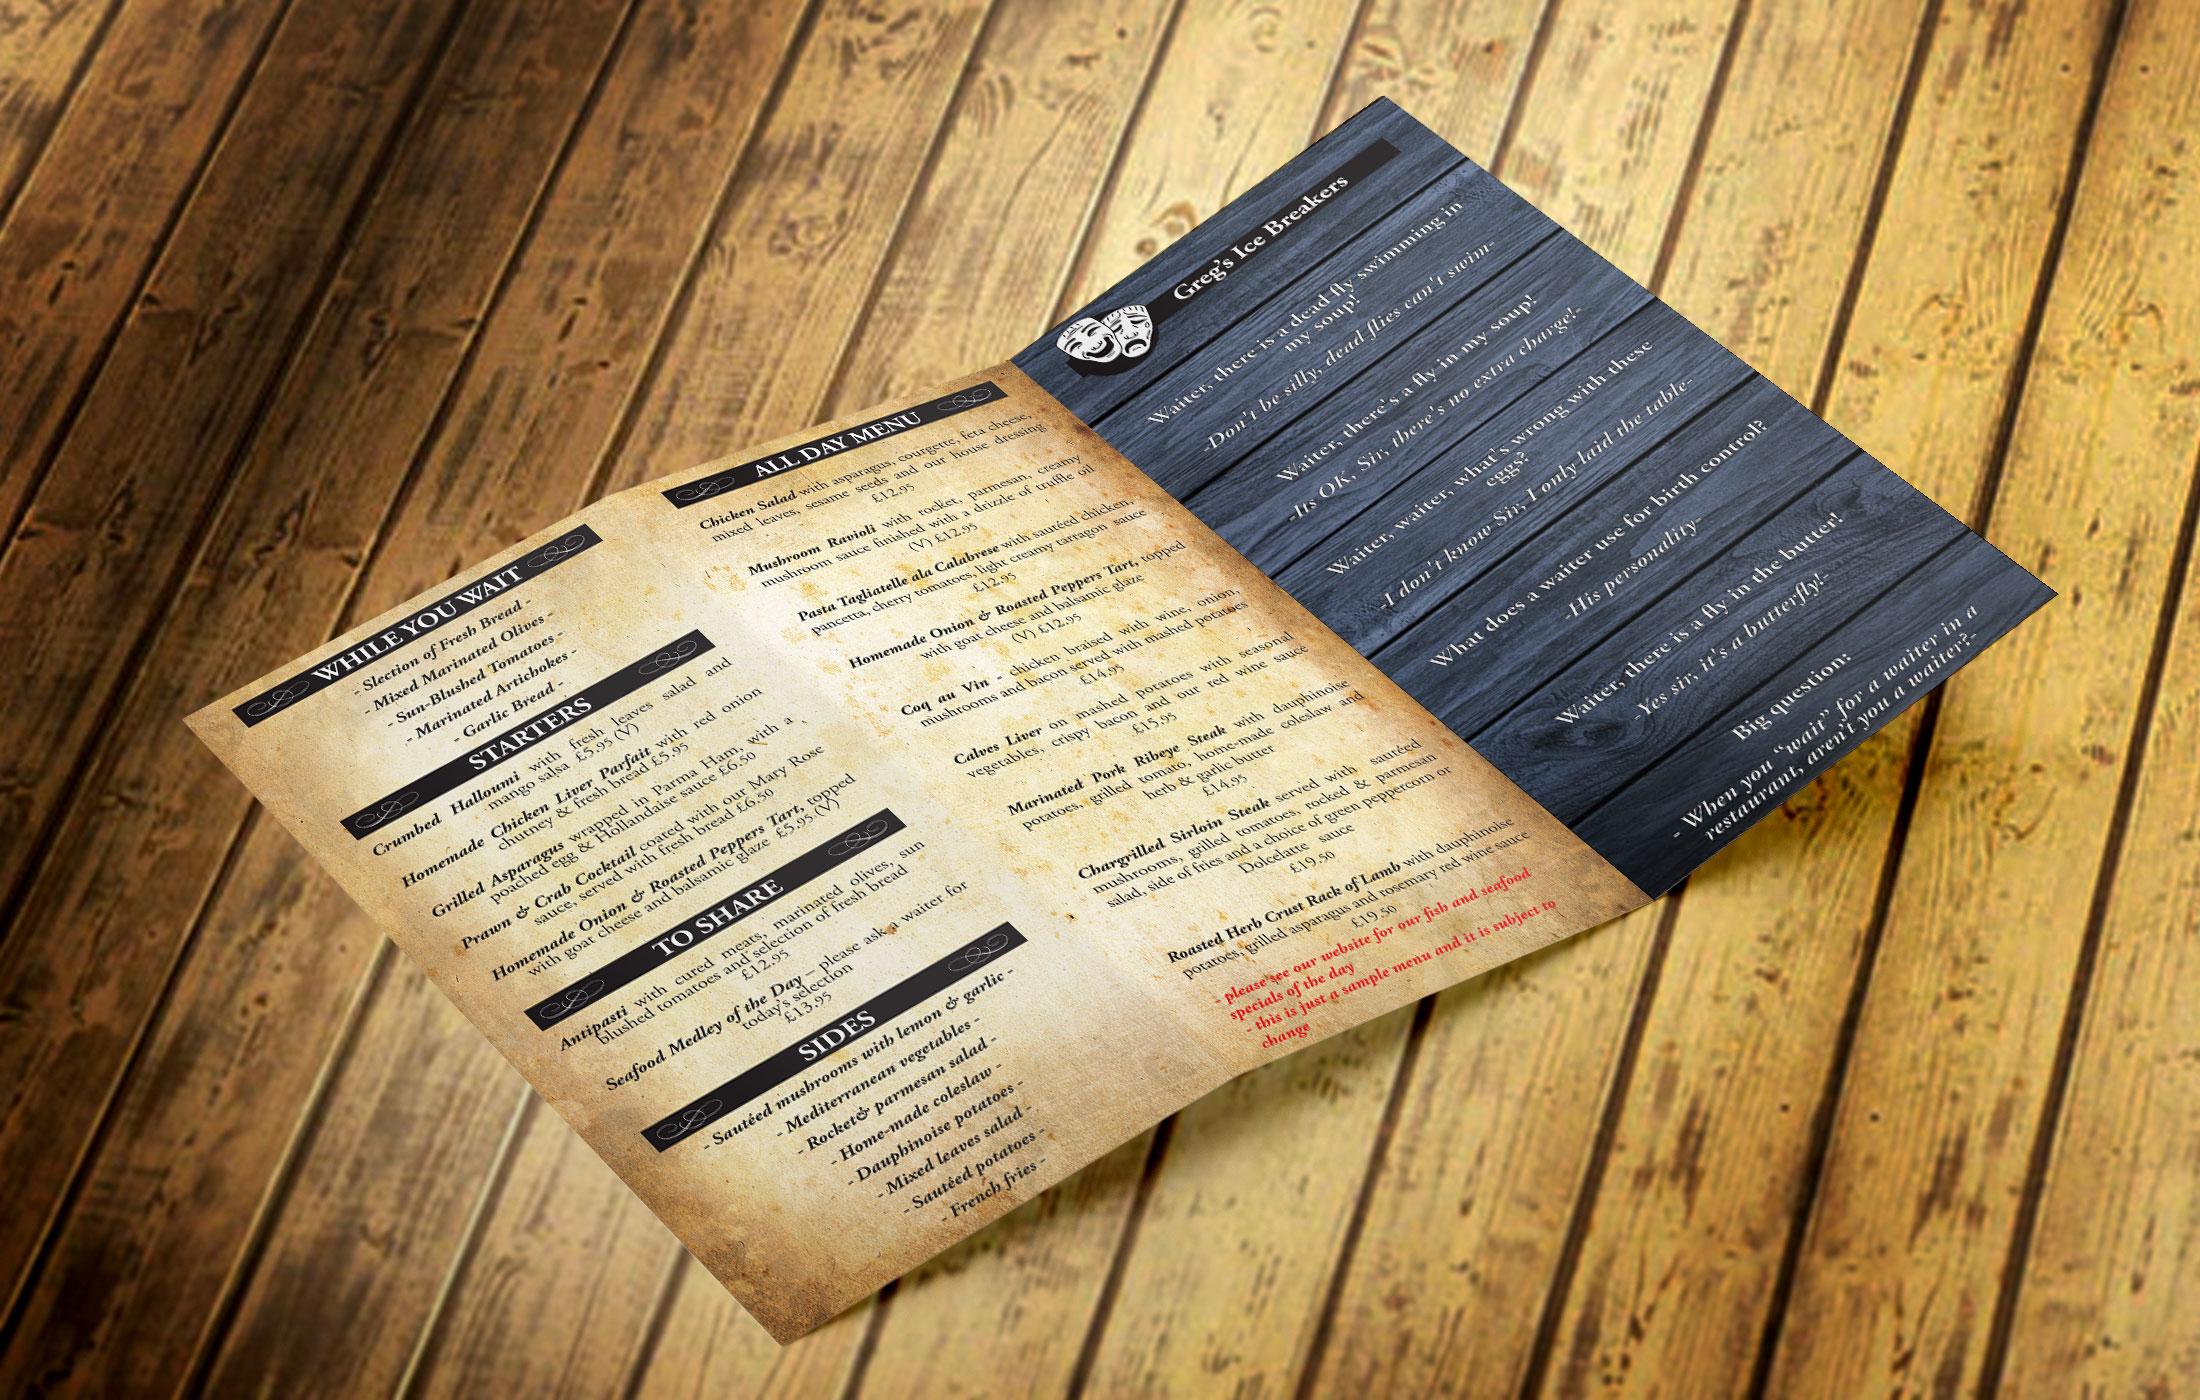 Z Fold Flyer - Inside